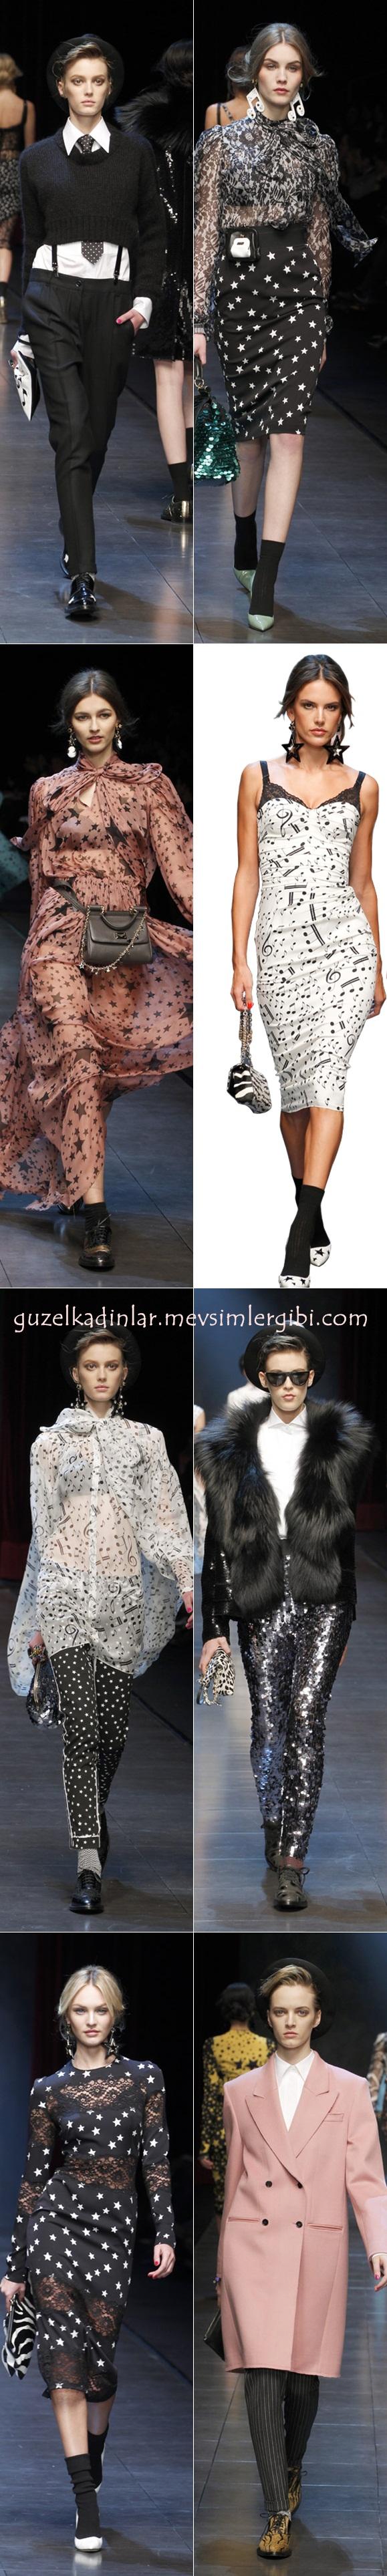 Dolce Gabbana 2012-2013 Kış Koleksiyonu moda şov